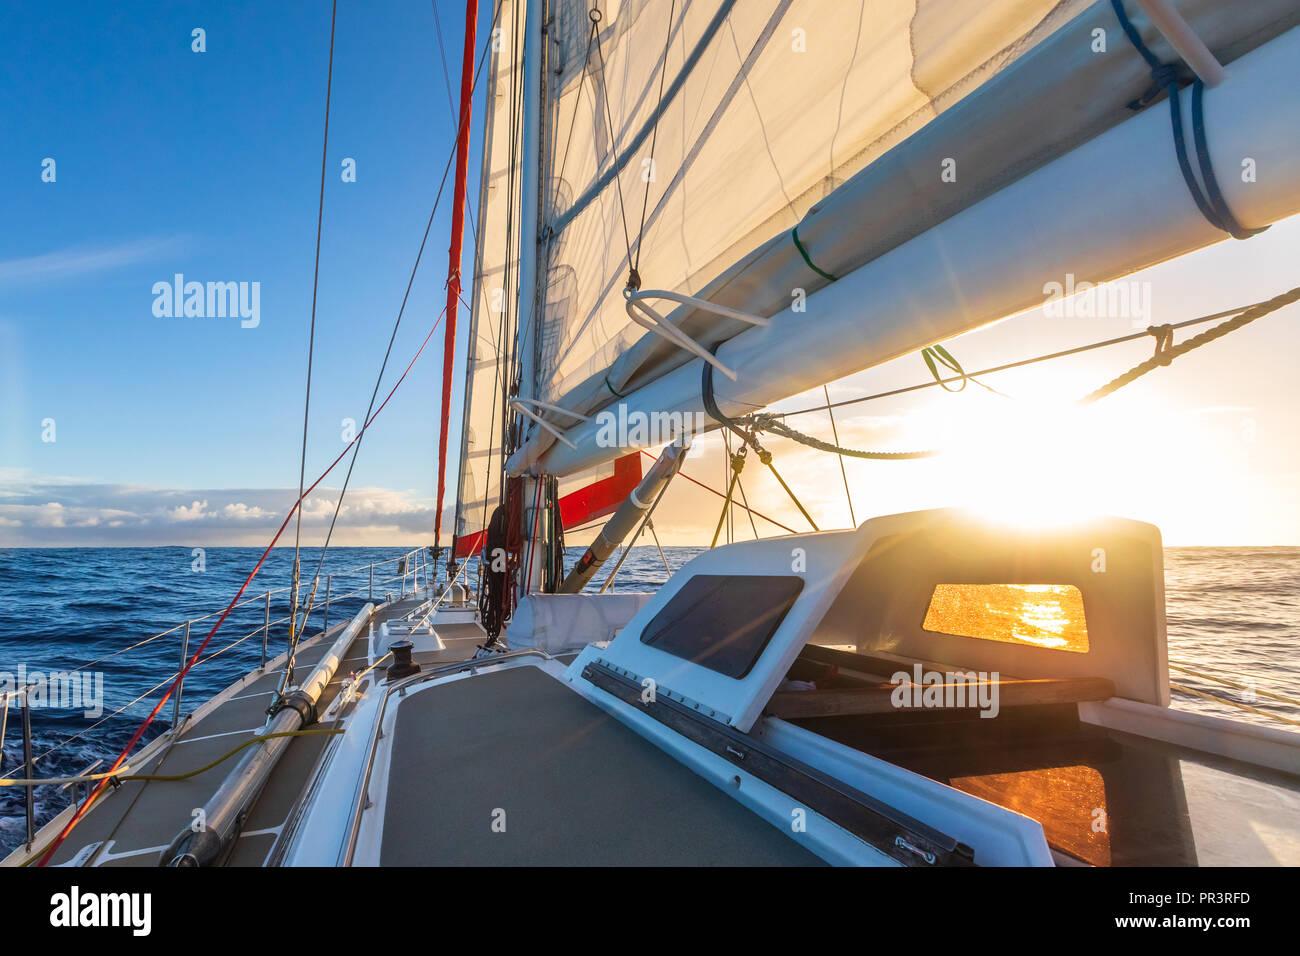 Navegar en velero yate hermoso atardecer con luz azul claro del cielo y mar  plana en 3967985ff26